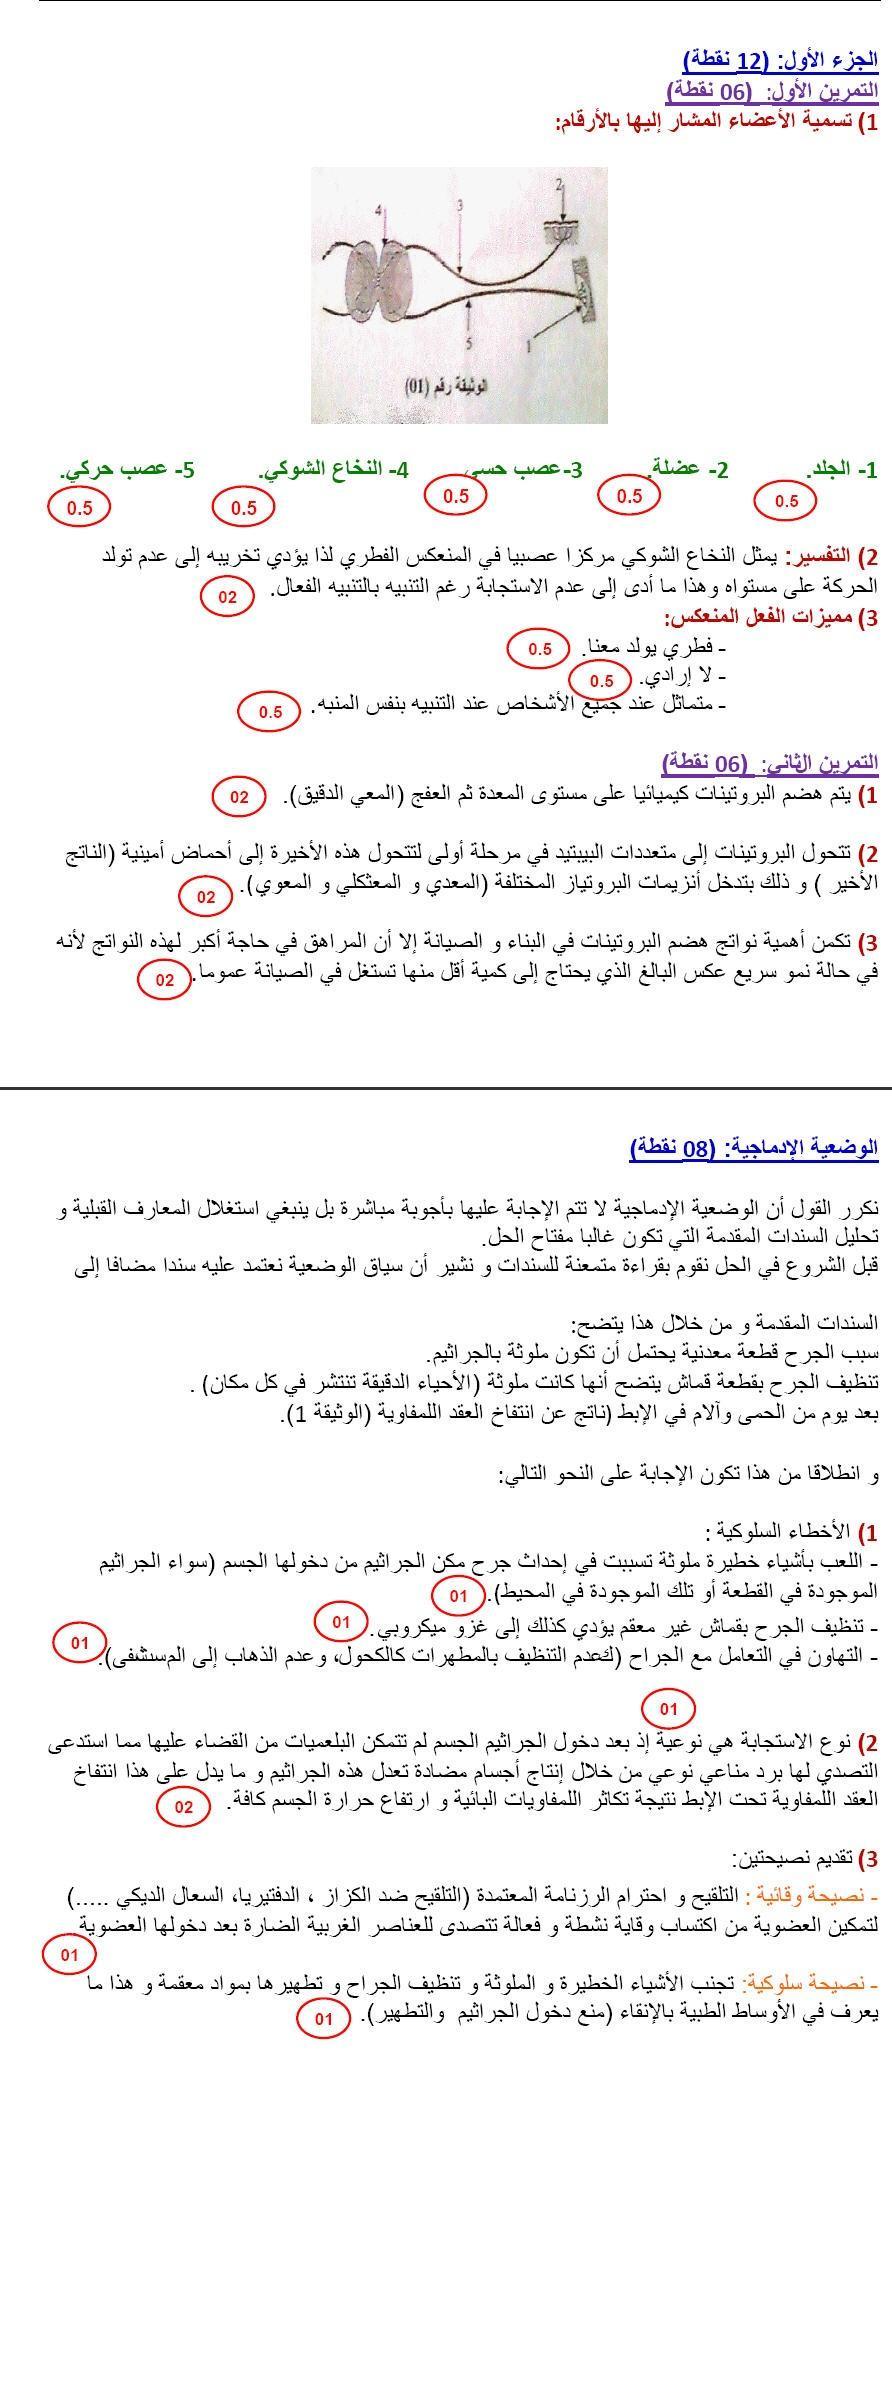 تصحيح شهادة التعليم المتوسط 2012 مادة العلوم الطبيعية والحياة